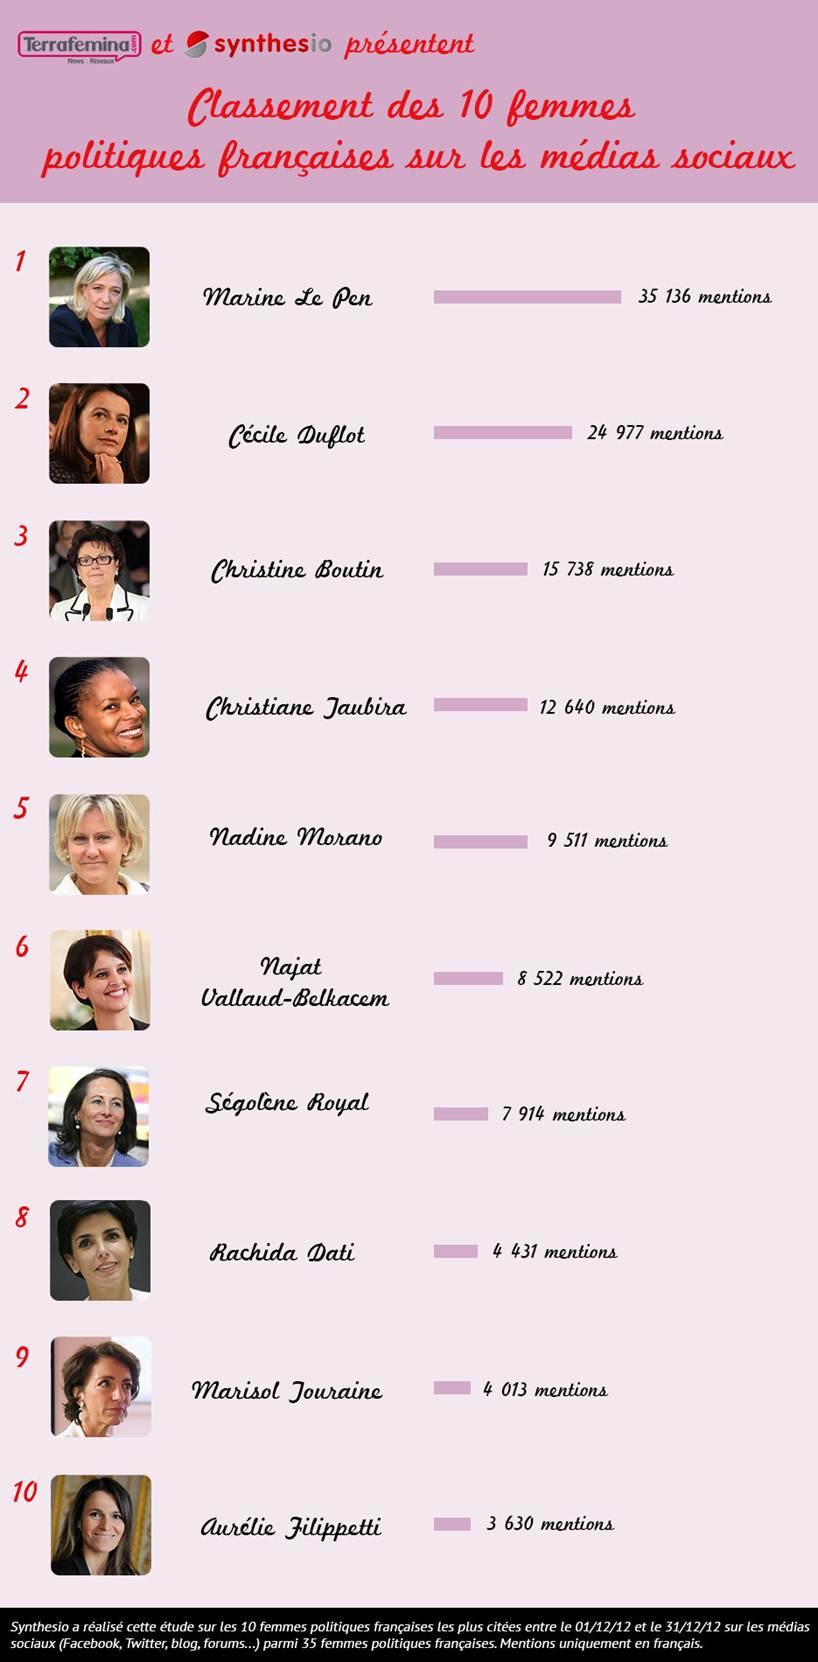 Baromètre Terrafemina-Synthesio sur les femmes politiques